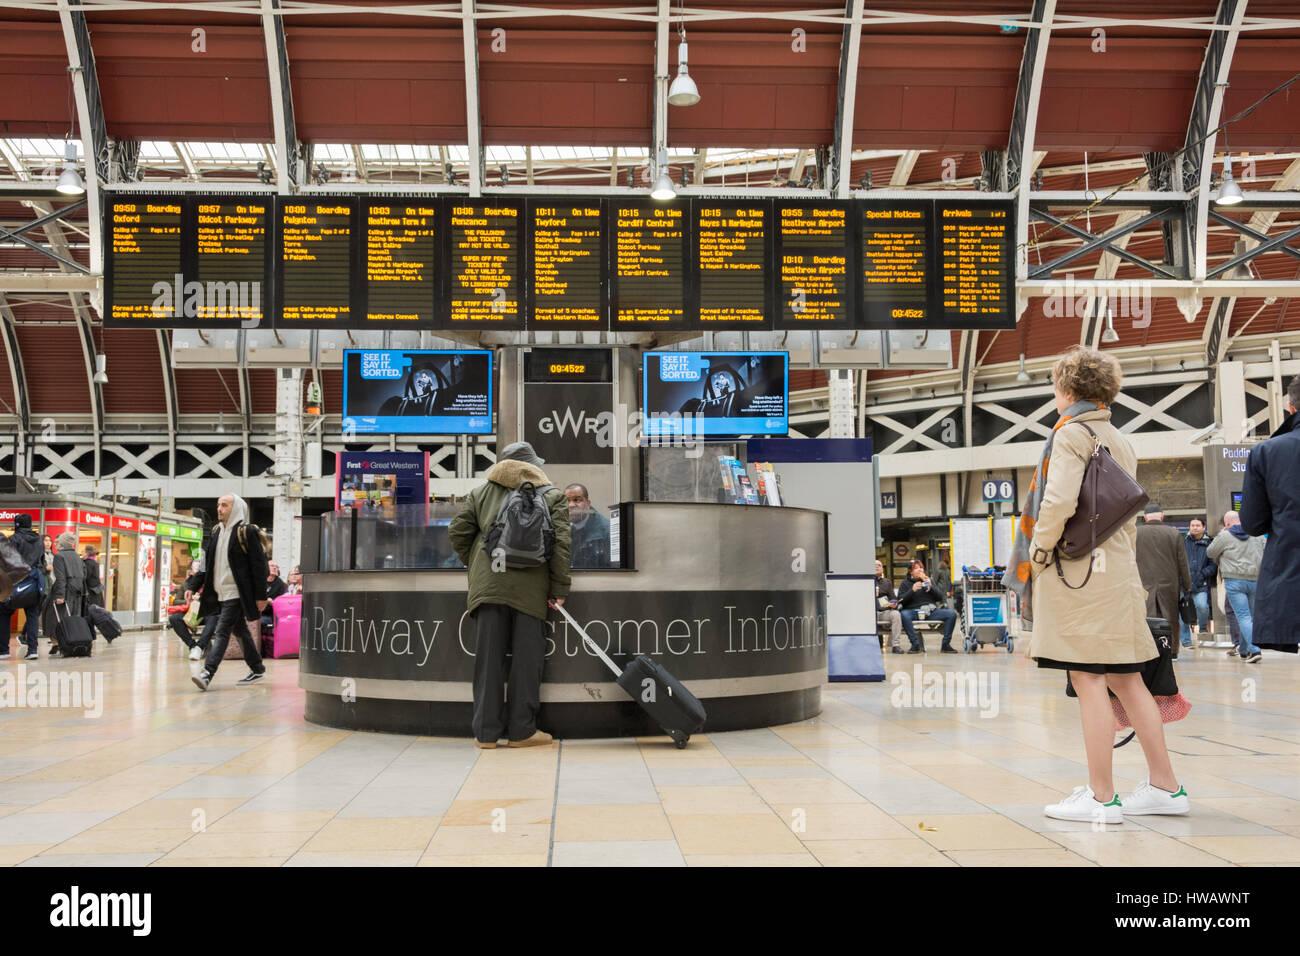 Paddington Station in London, England, UK - Stock Image